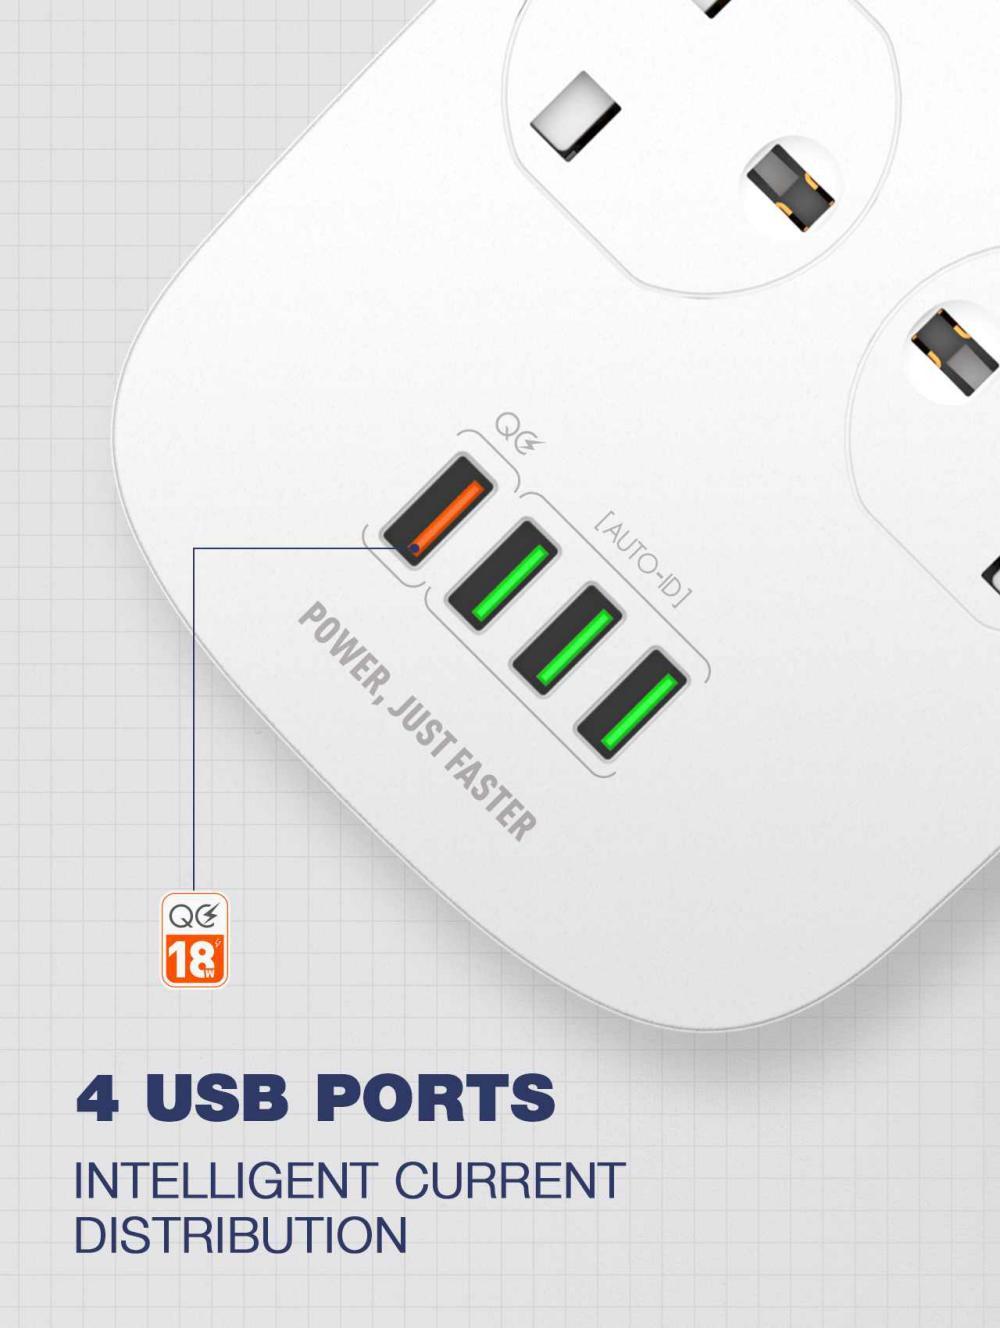 Ldnio Sk4463 Tabletop Power Socket 250v Qc3 0 4 Port Extension Adapter 4 Usb 10a (2)